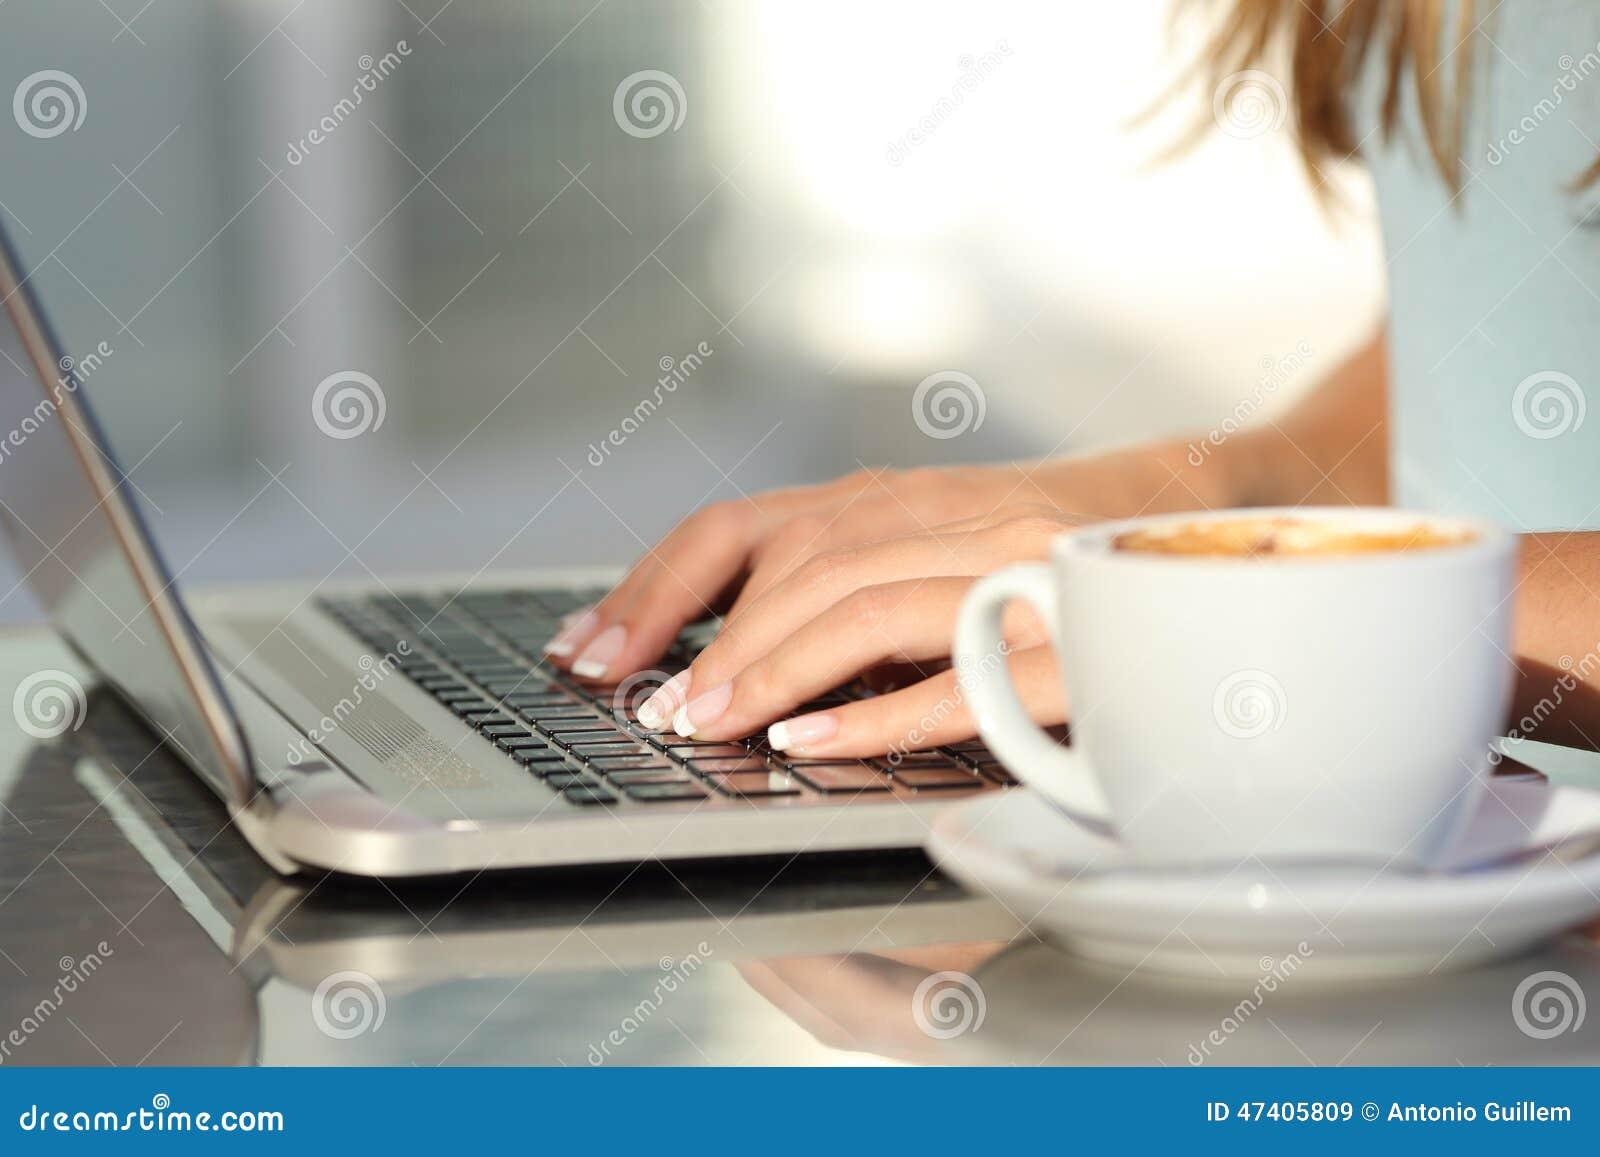 http://thumbs.dreamstime.com/z/kobieta-wr%C4%99cza-pisa%C4%87-na-maszynie-w-laptopie-w-sklep-z-kaw%C4%85-47405809.jpg